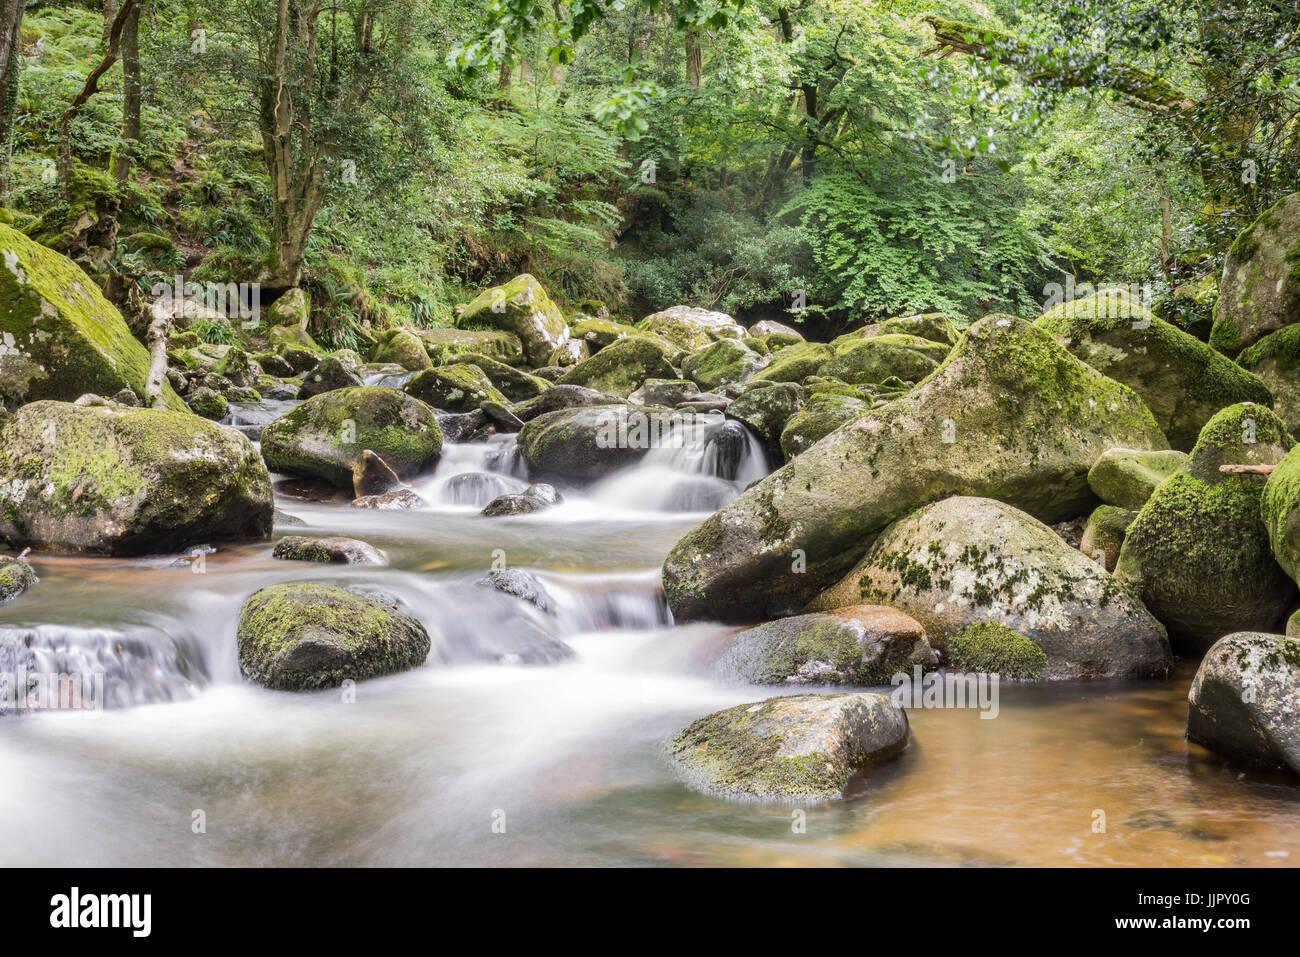 Una lunga esposizione foto del fiume Plym in Devon Foto Stock